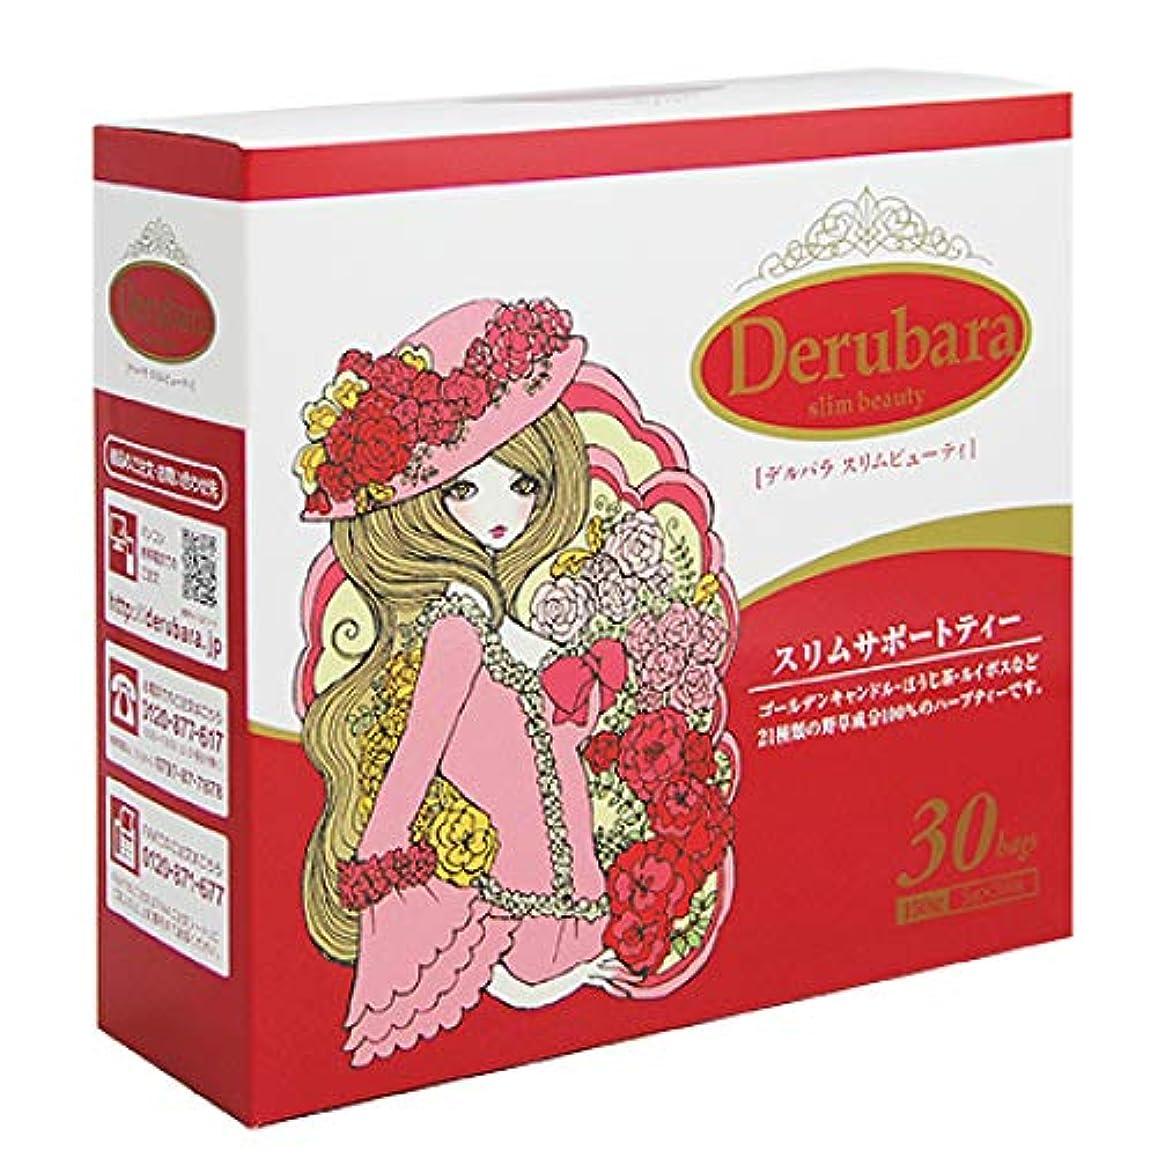 もっと少なく等々クラシカルデルバラスリムビューティ お徳5箱セット (1包5g×30包入)×5箱 朝スッキリ! キャンドルブッシュ お茶